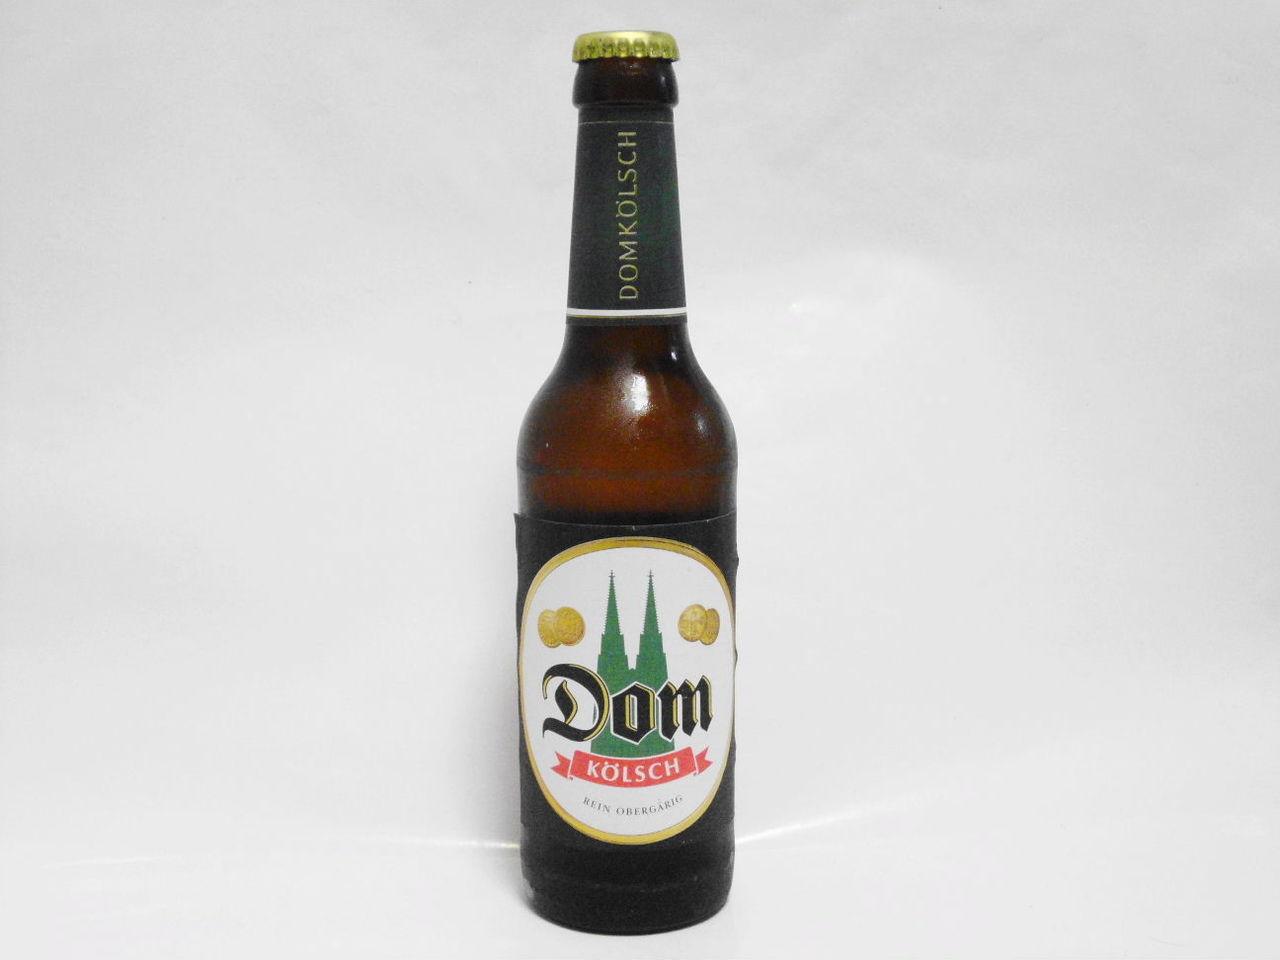 食べモノズキ:【ビール】DOM KOL...